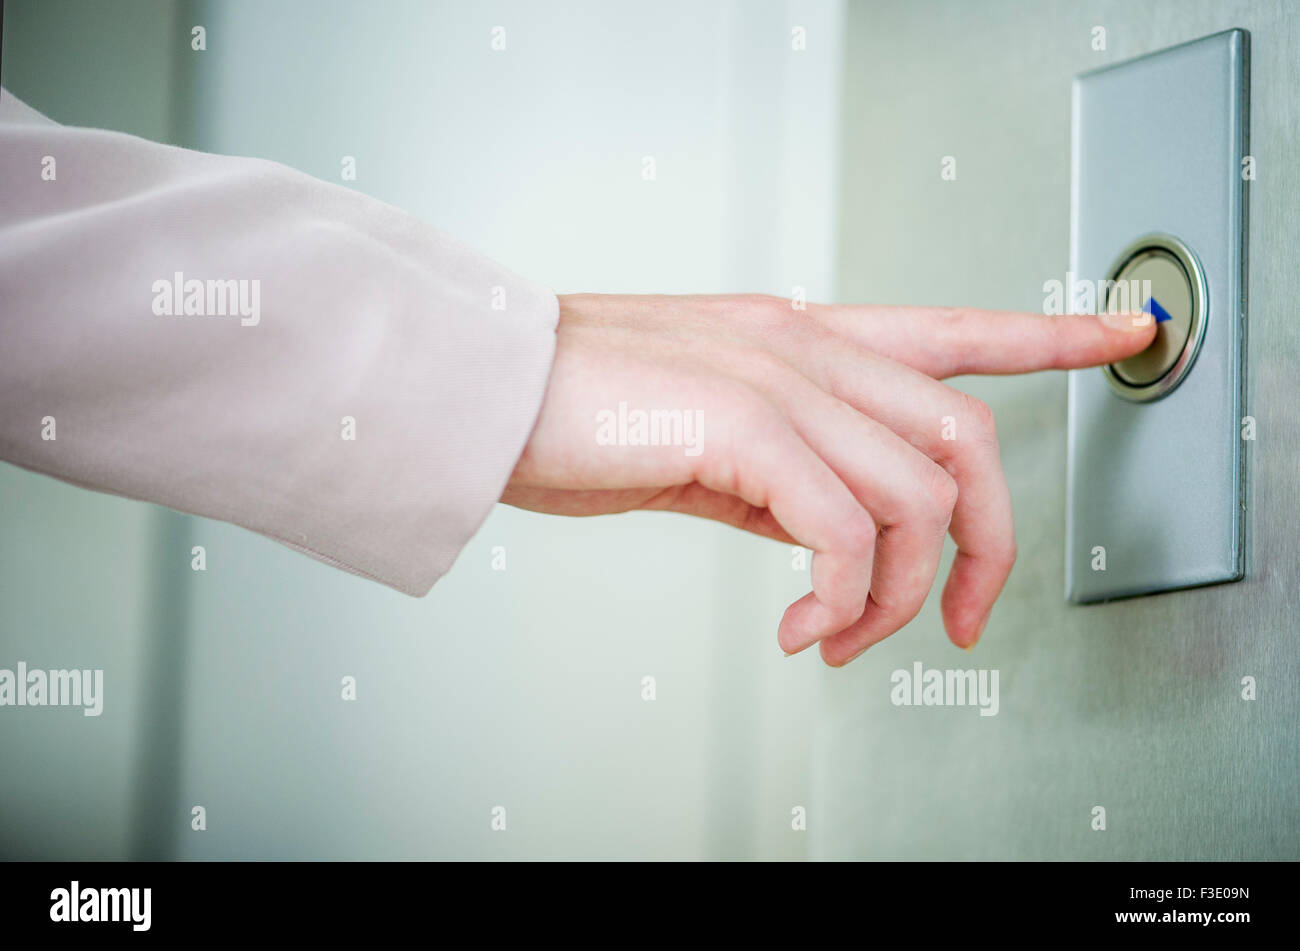 Aufzug-Call-Taste drücken Stockbild